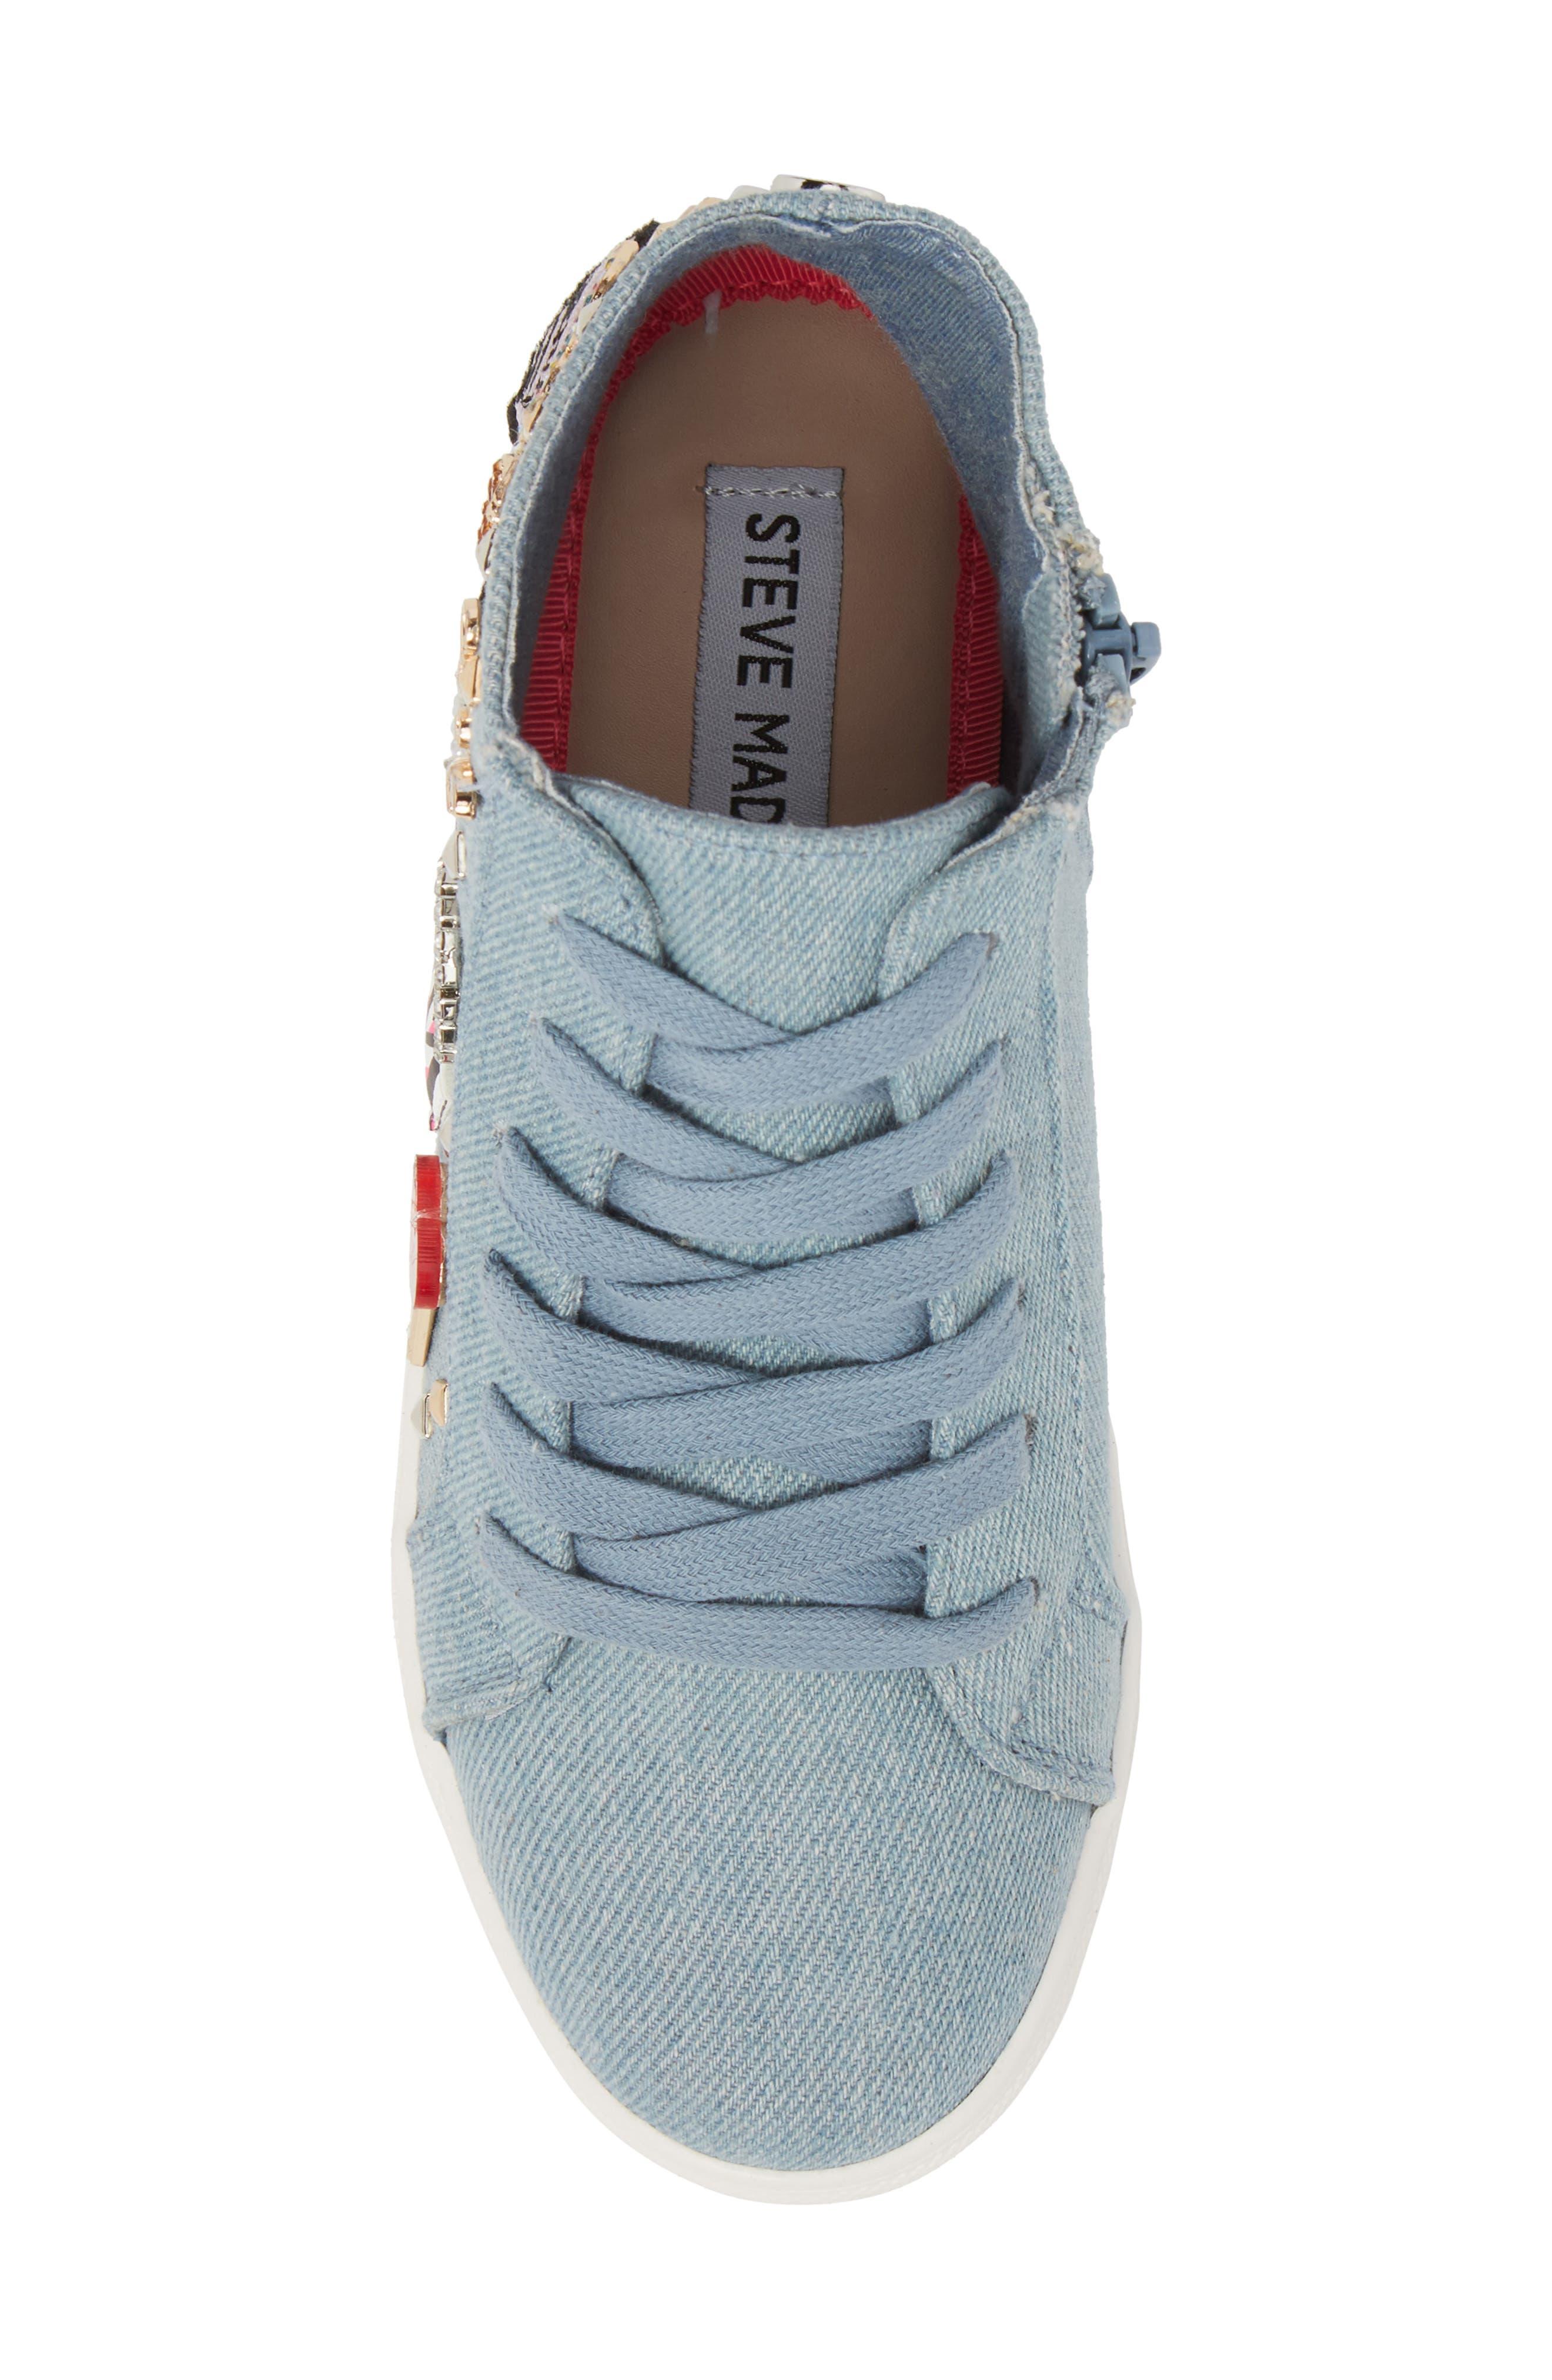 JKOOKIE High Top Sneaker,                             Alternate thumbnail 5, color,                             Denim